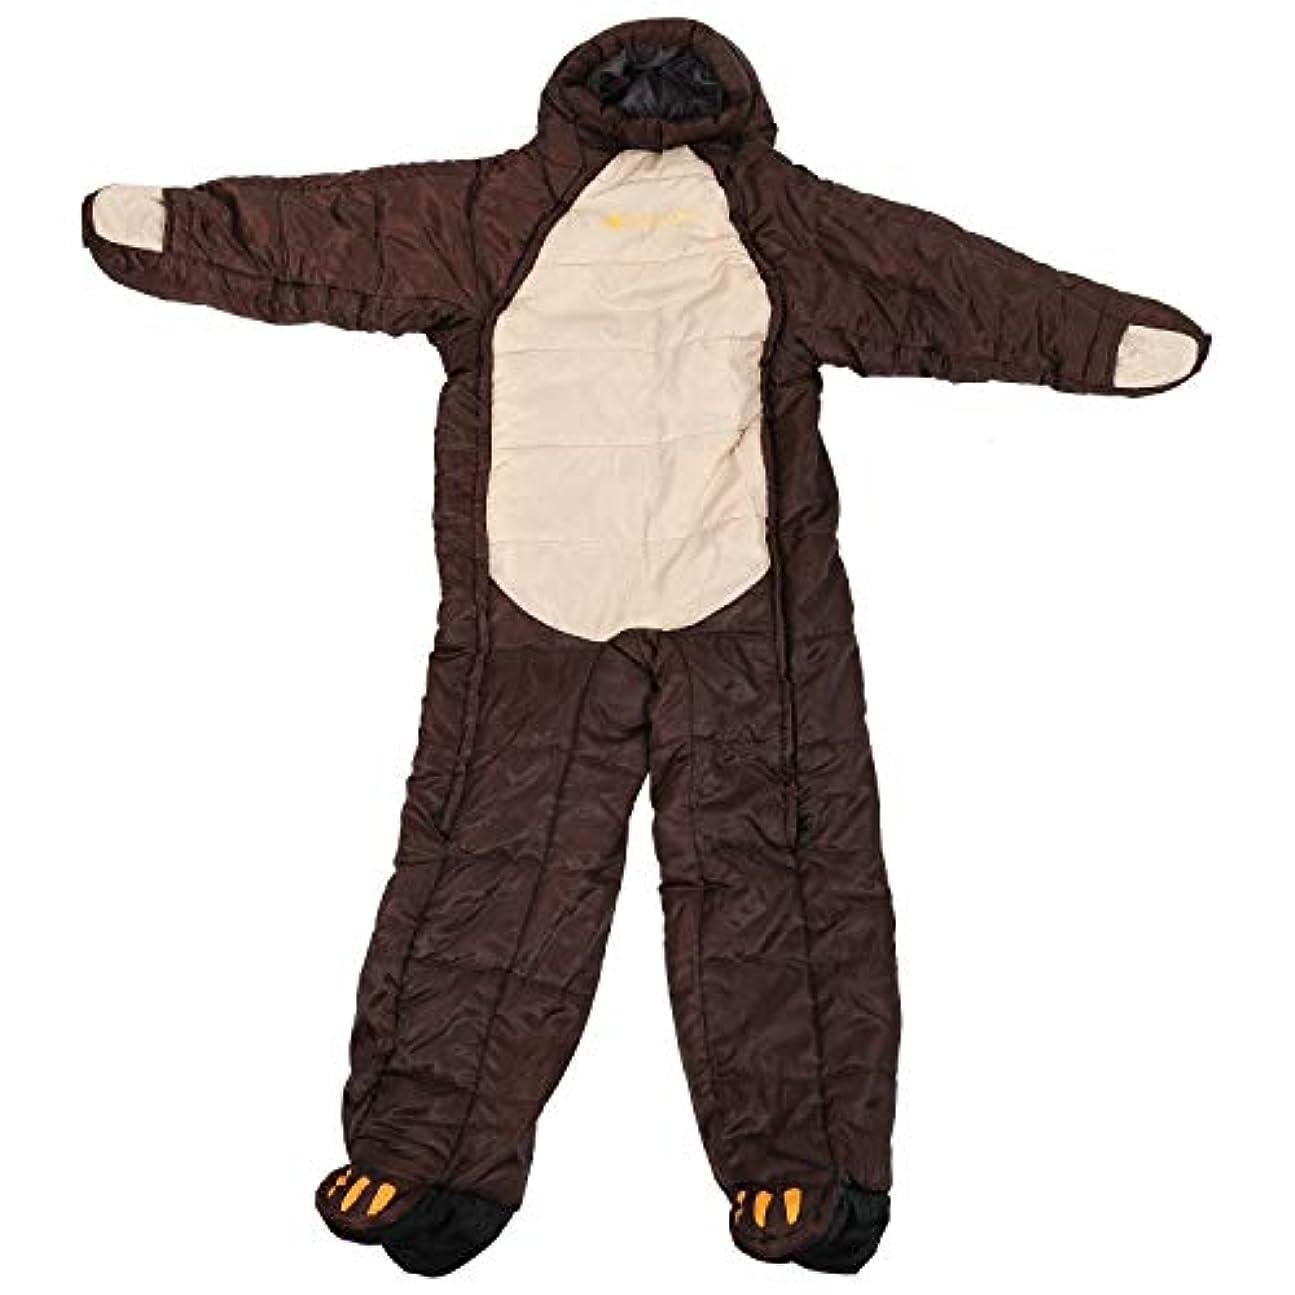 トラフ天気タイピストTOOGOO 防水ヒグマヒューマノイド寝袋 かわいいファッションアウトドアキャンプ寝袋-5℃-0℃暖かいポリエステルハイキングアドベンチャー冬アウトドアギア-XL